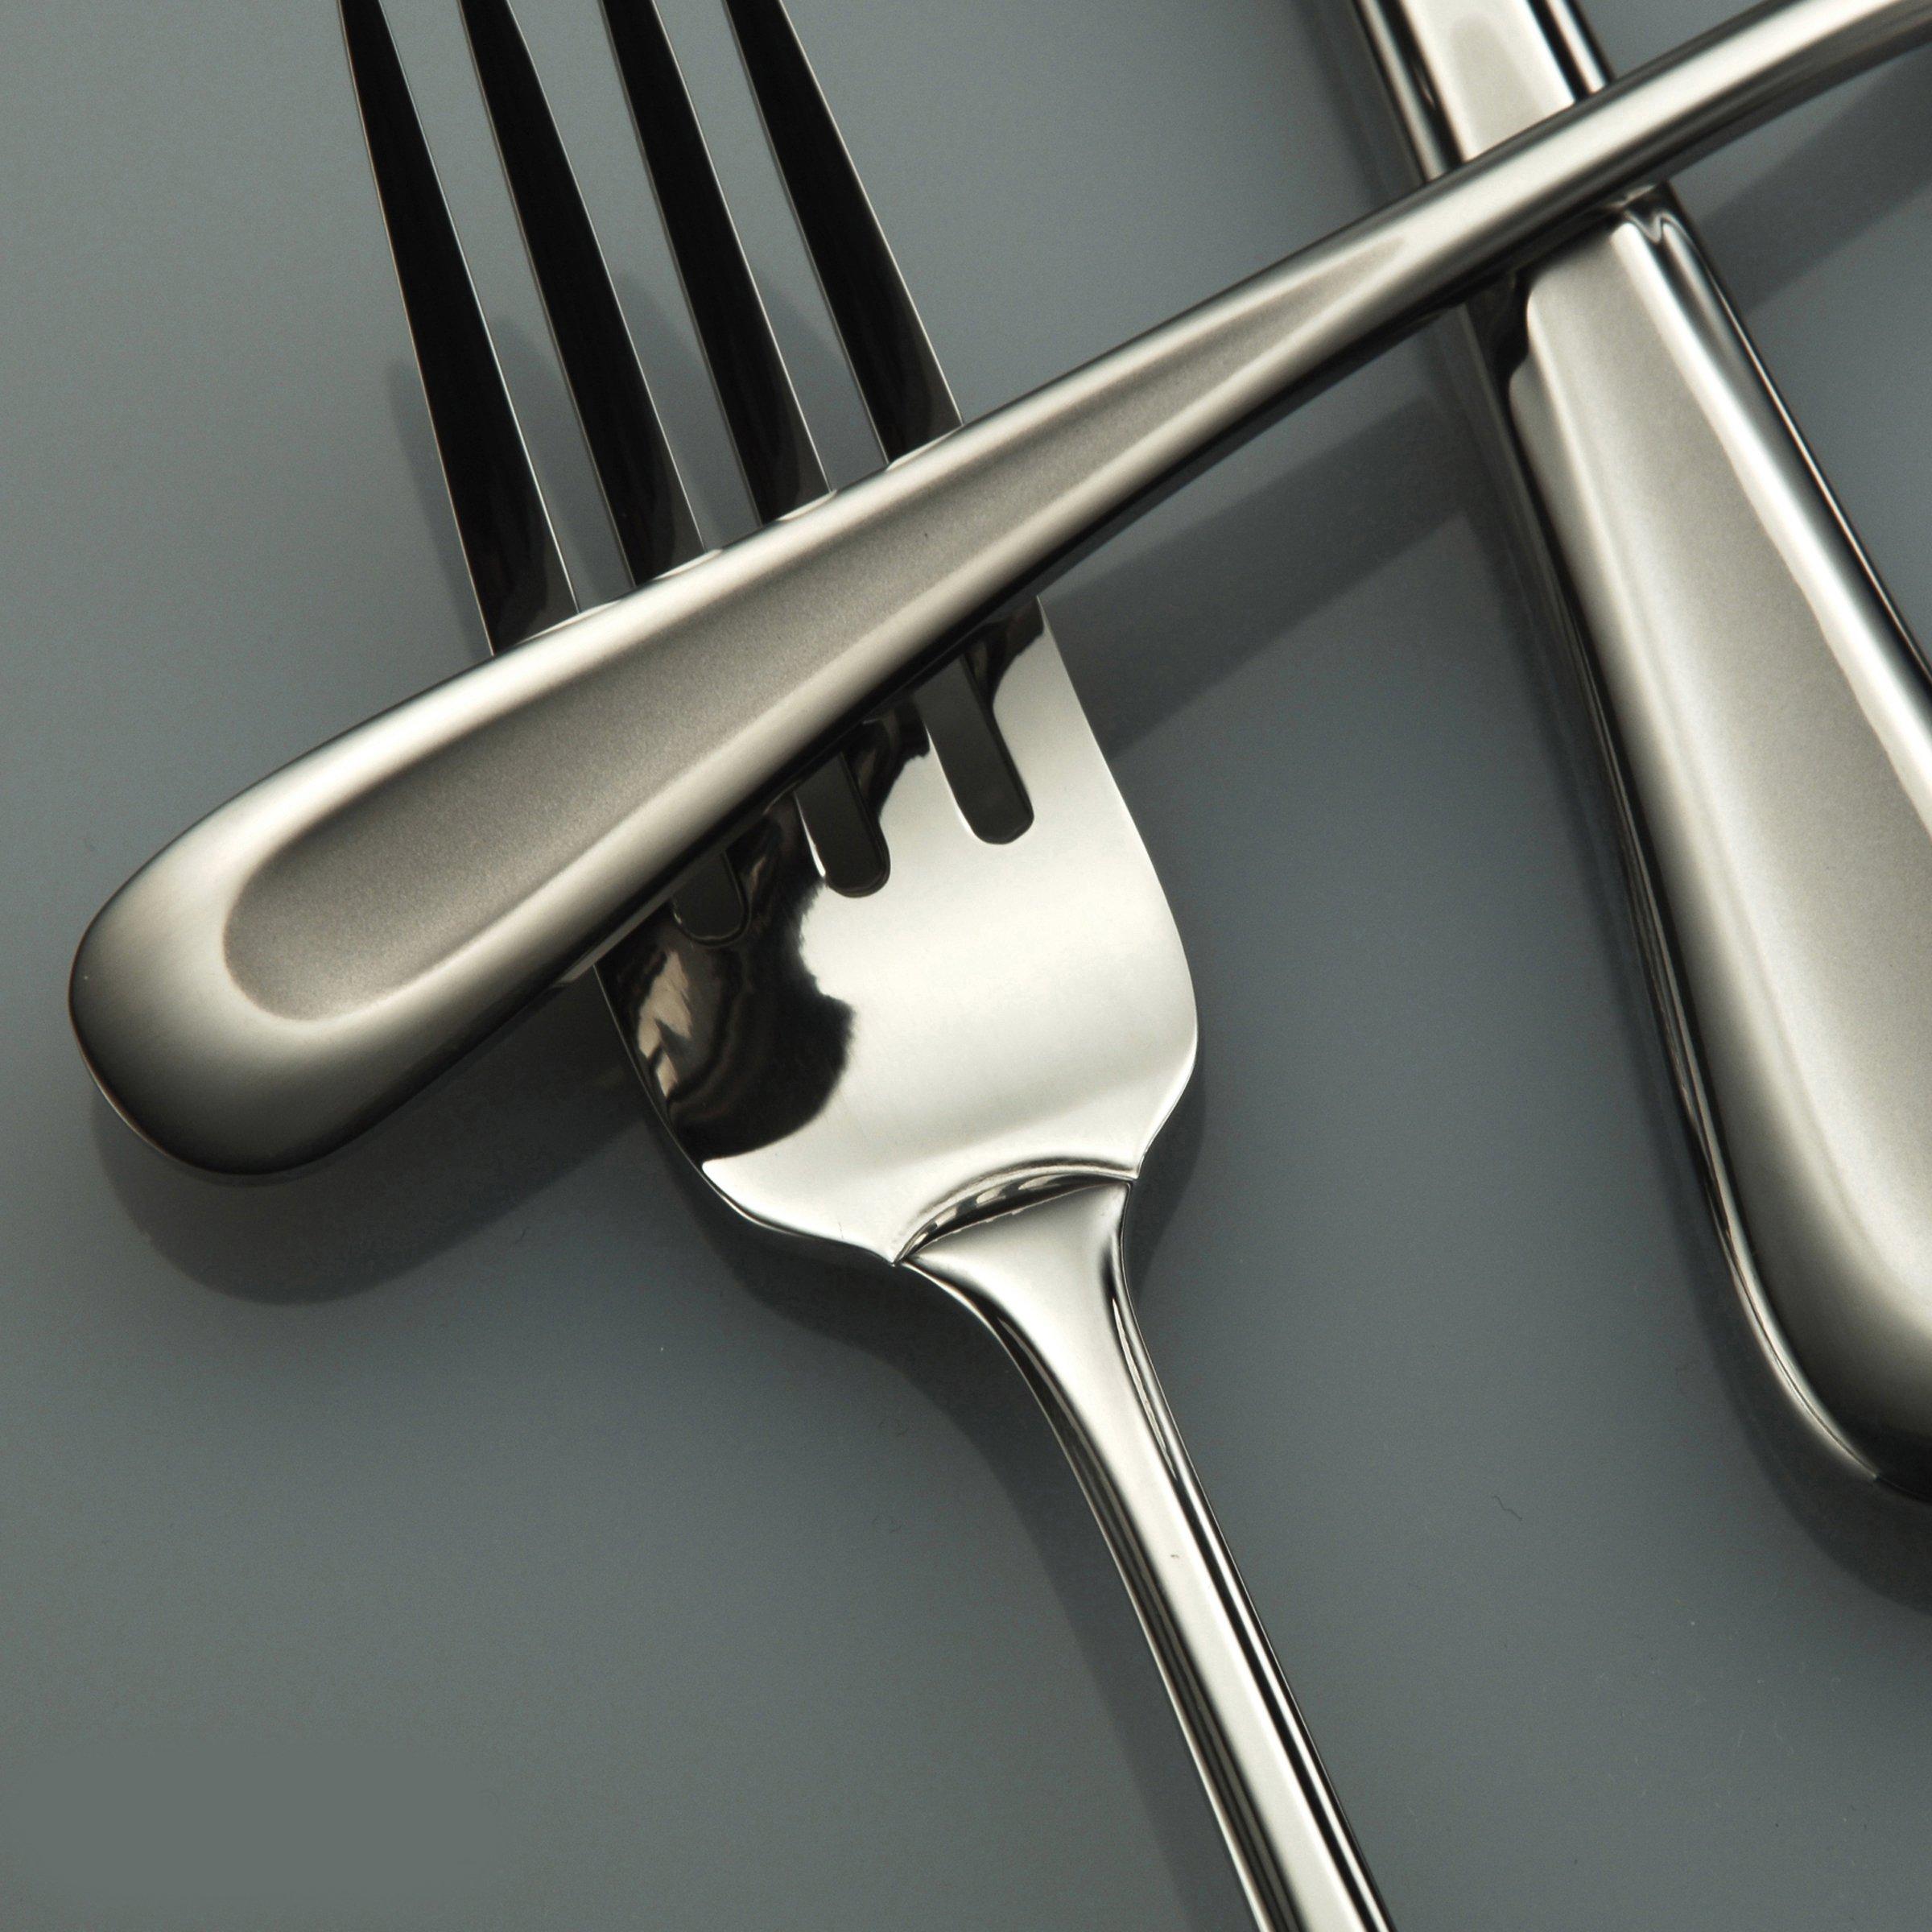 Oneida Satin Sand Dune Dinner Forks, Set of 4 by Oneida (Image #3)